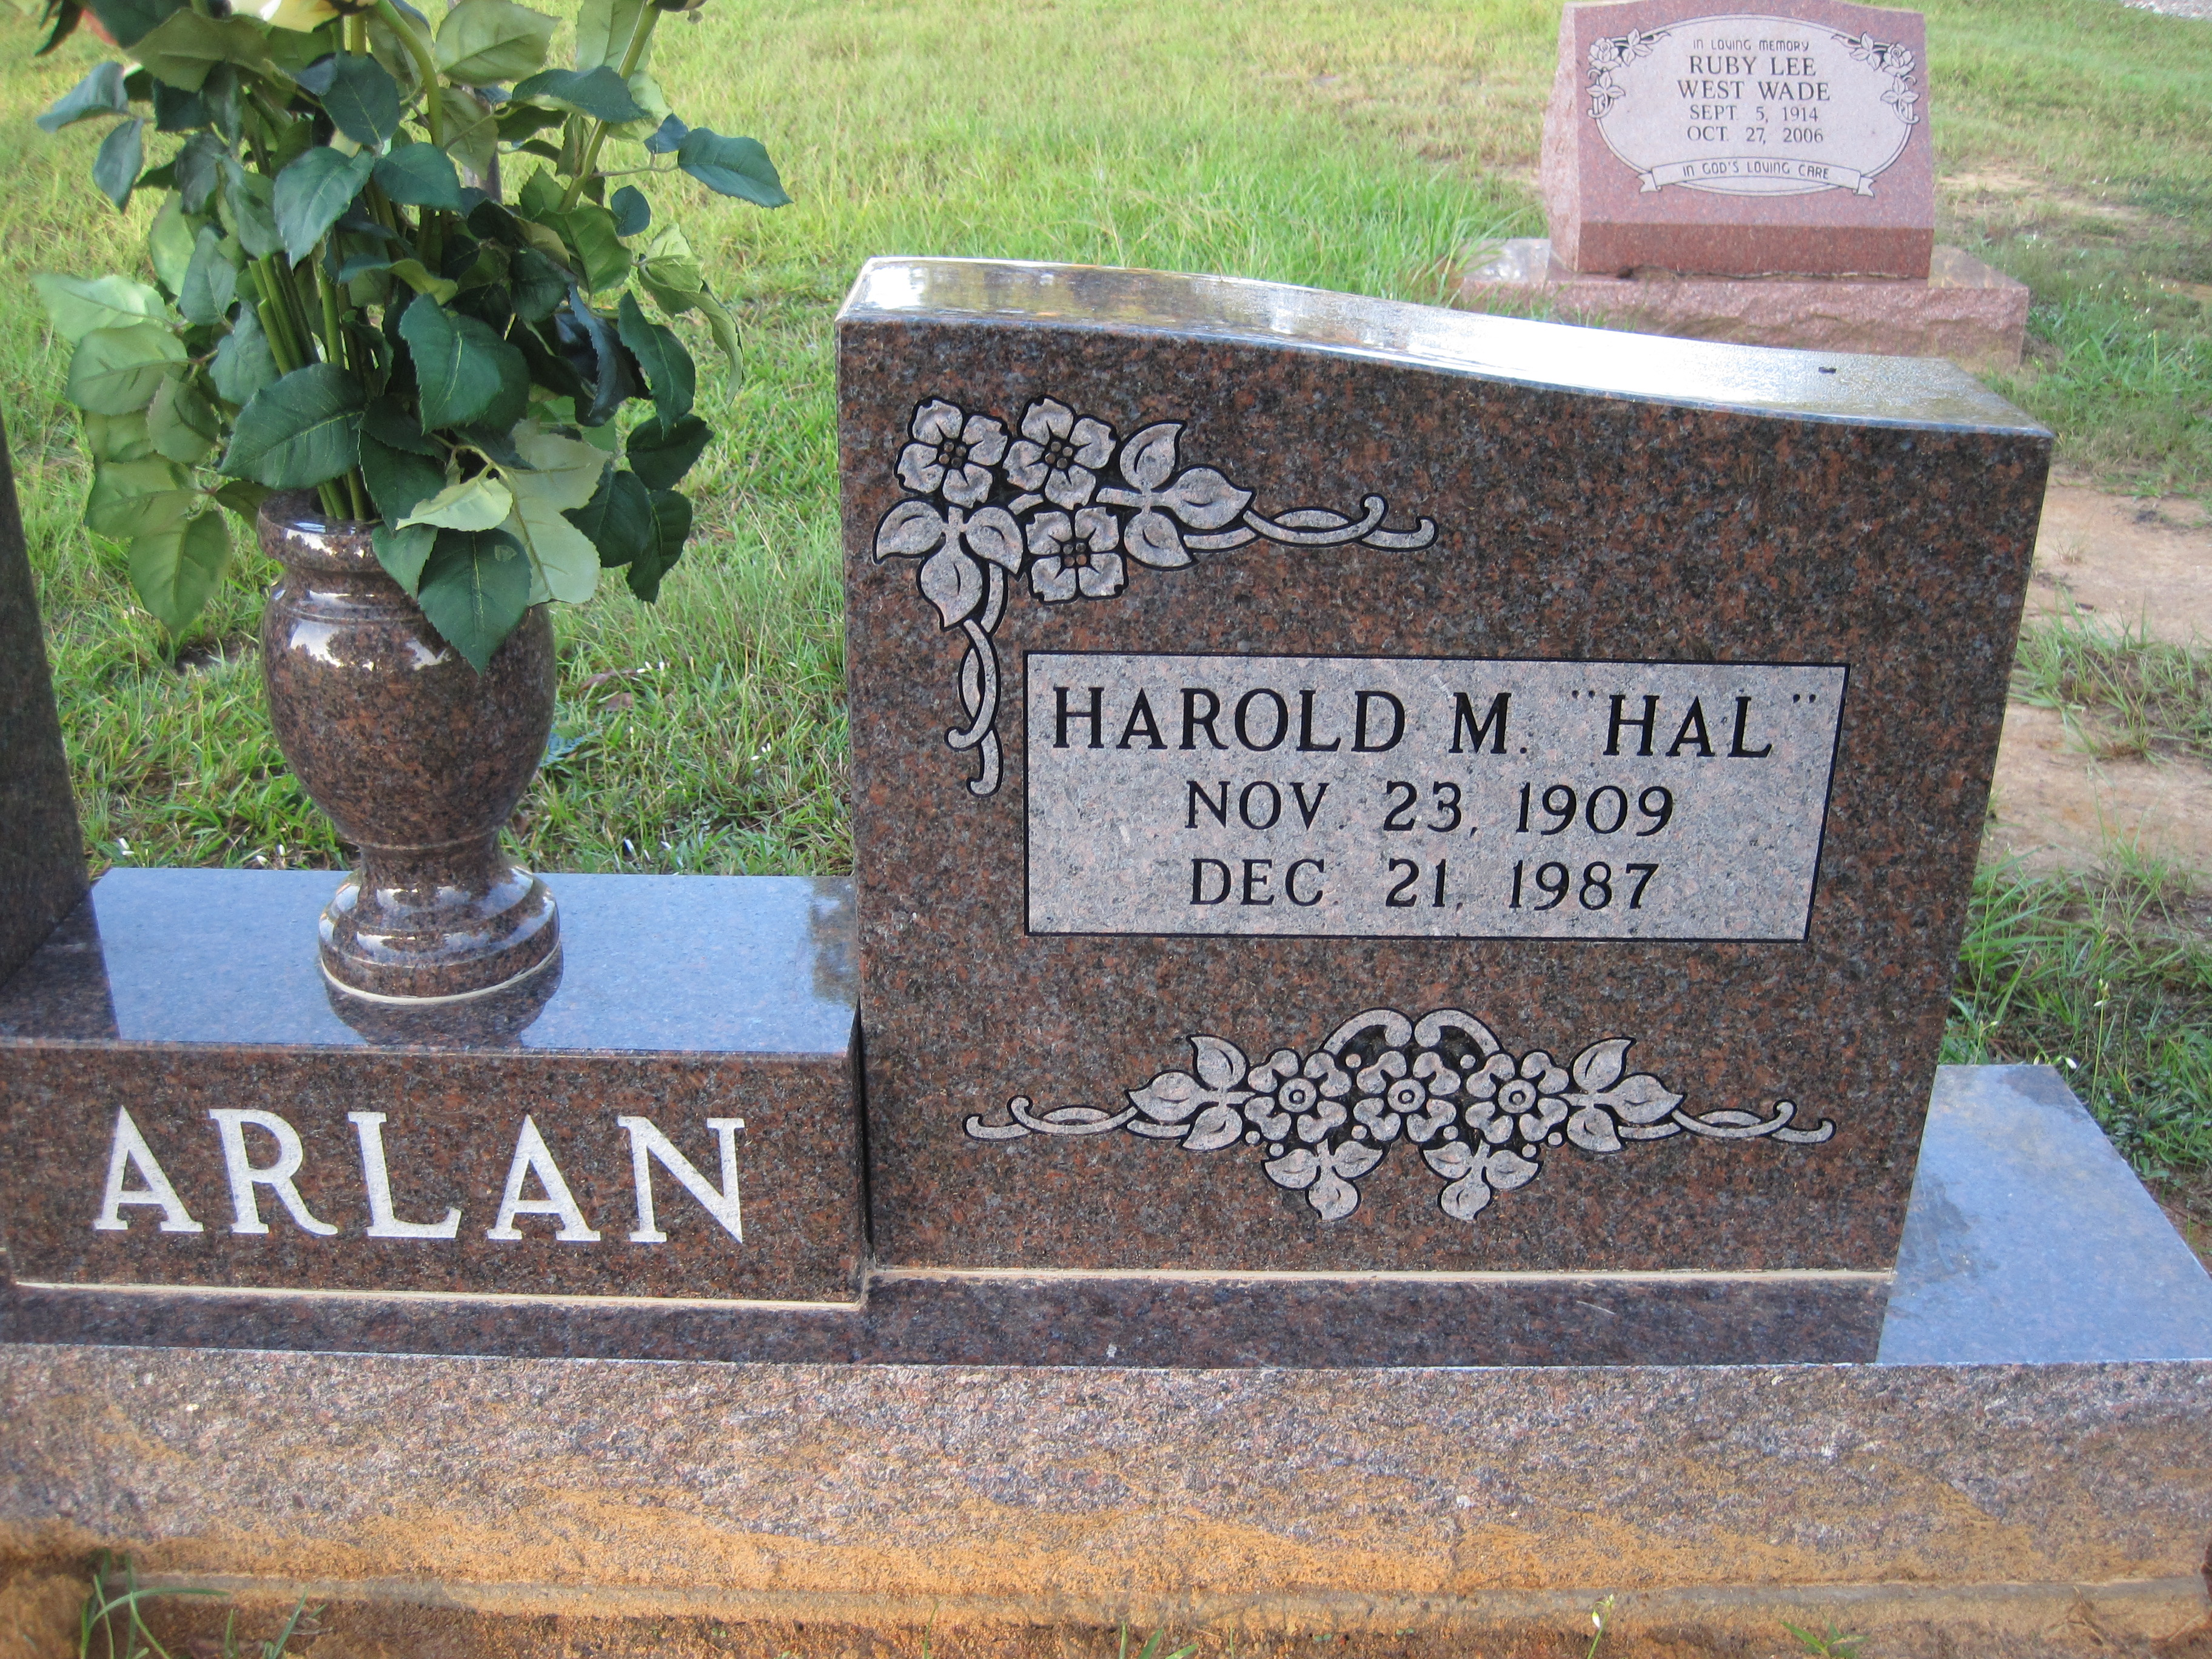 Harold Hal Arlan